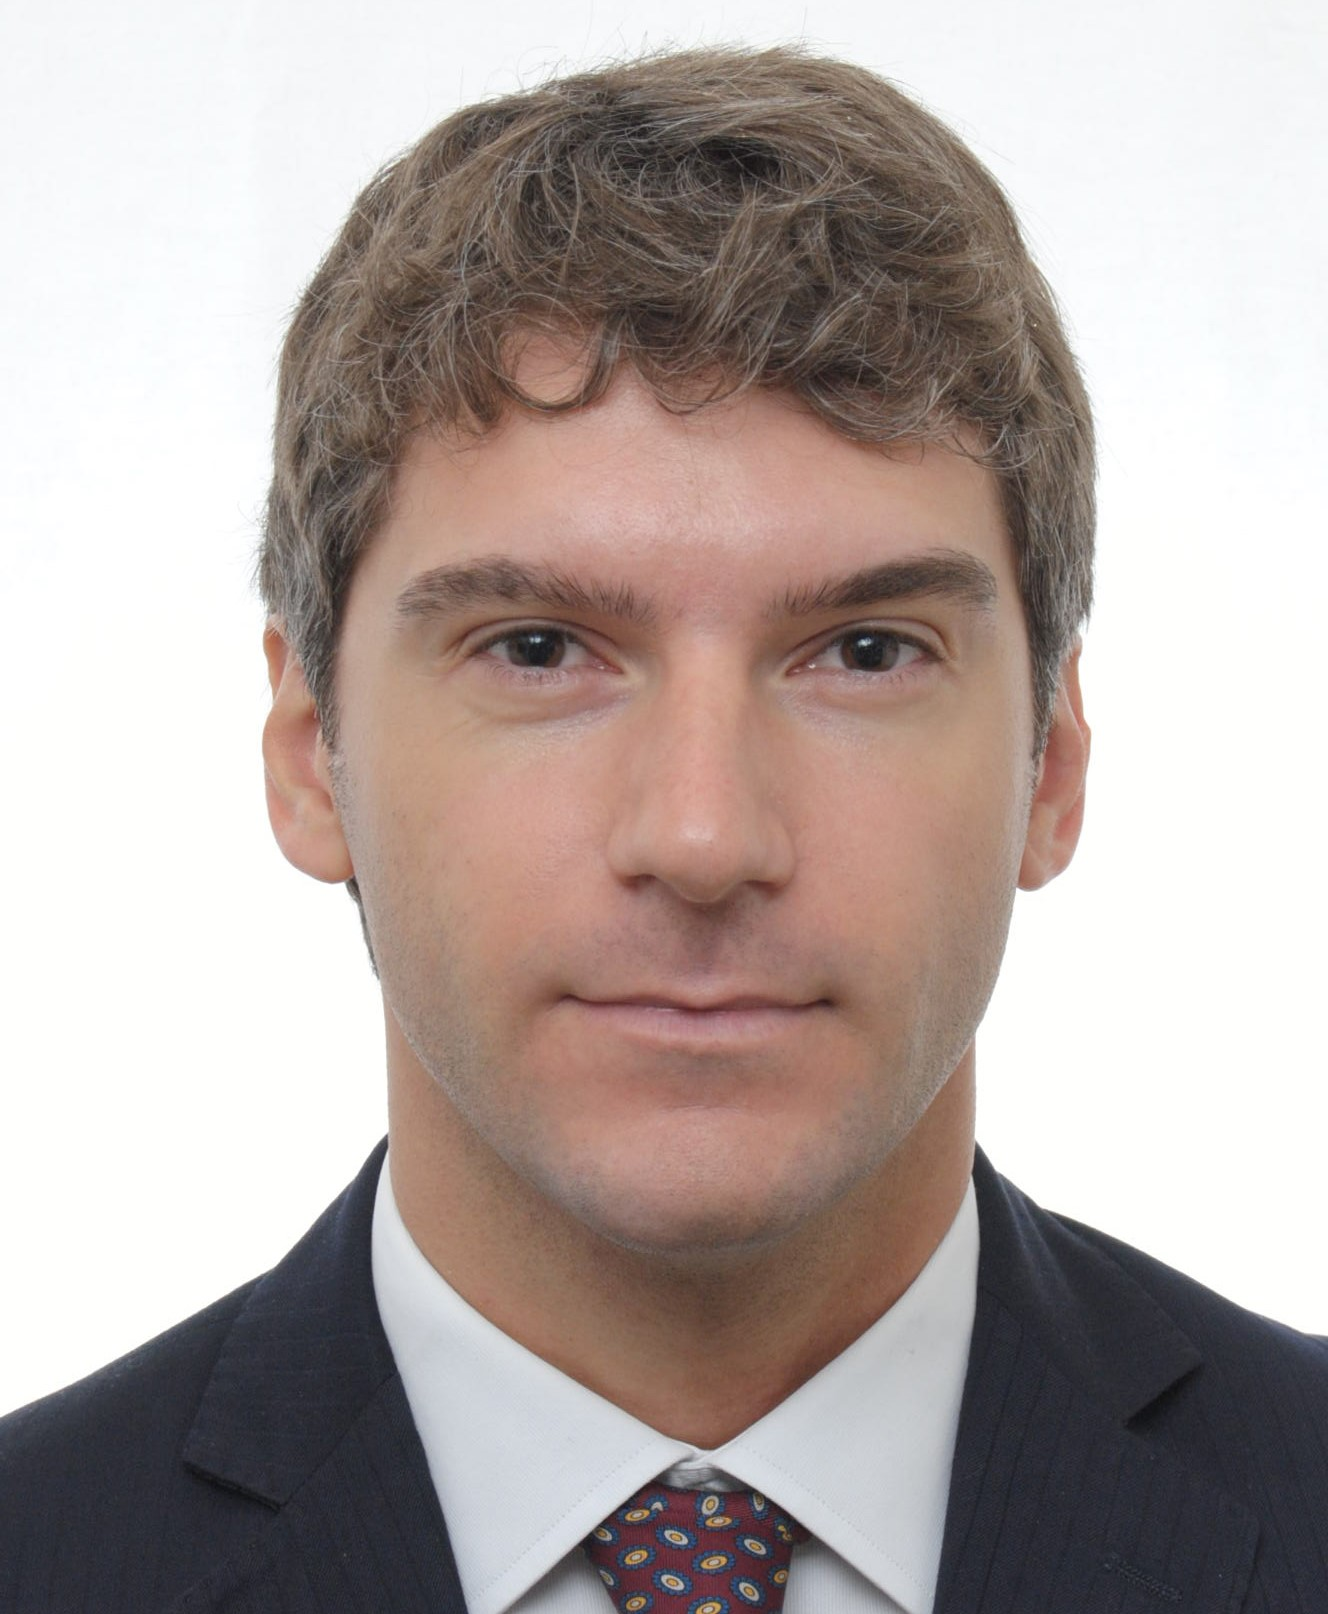 Luca Cetrano